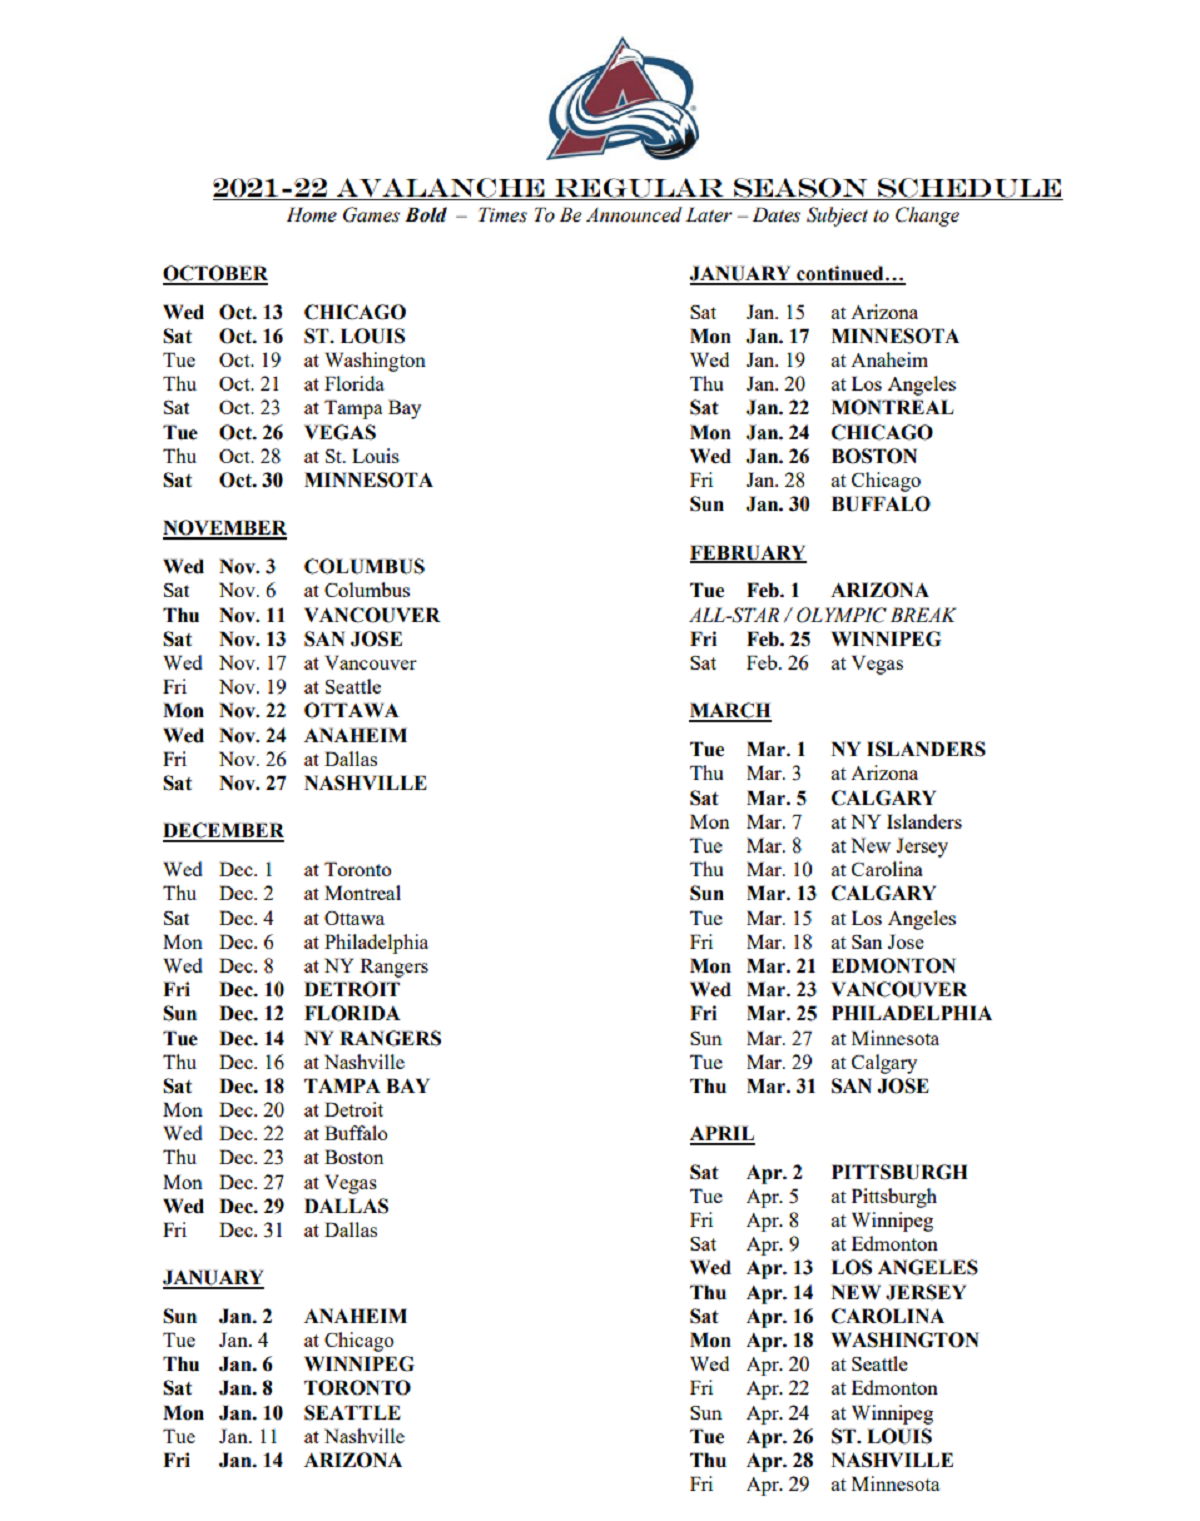 Colorado Avalanche 21-22 schedule